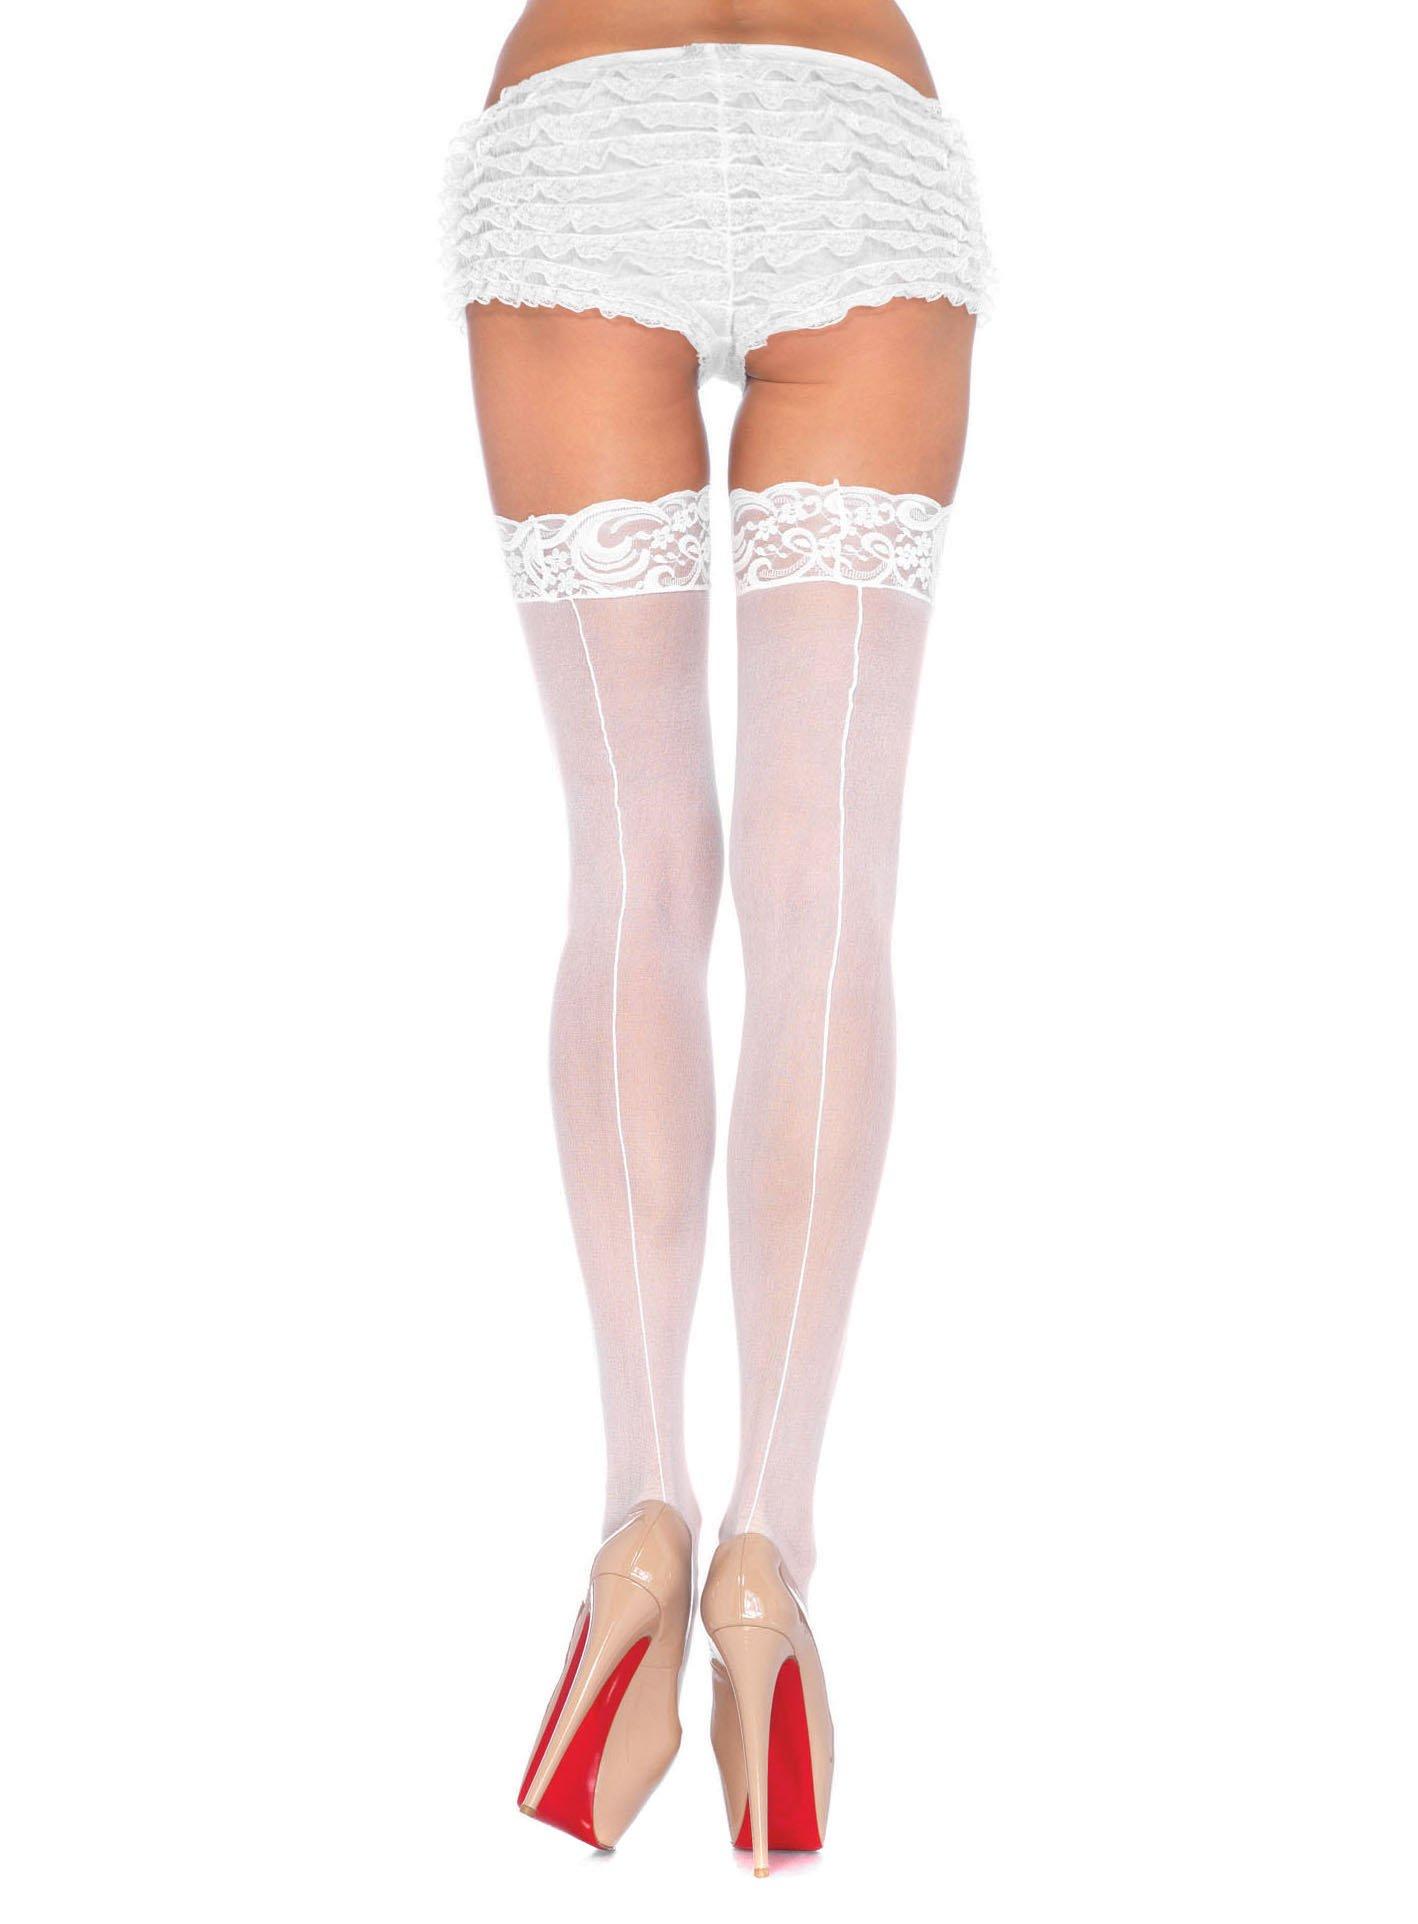 Weiße seidige Unterhosen mit Spitzenabschluss 3//4 lang Gr Fasching Karneval L